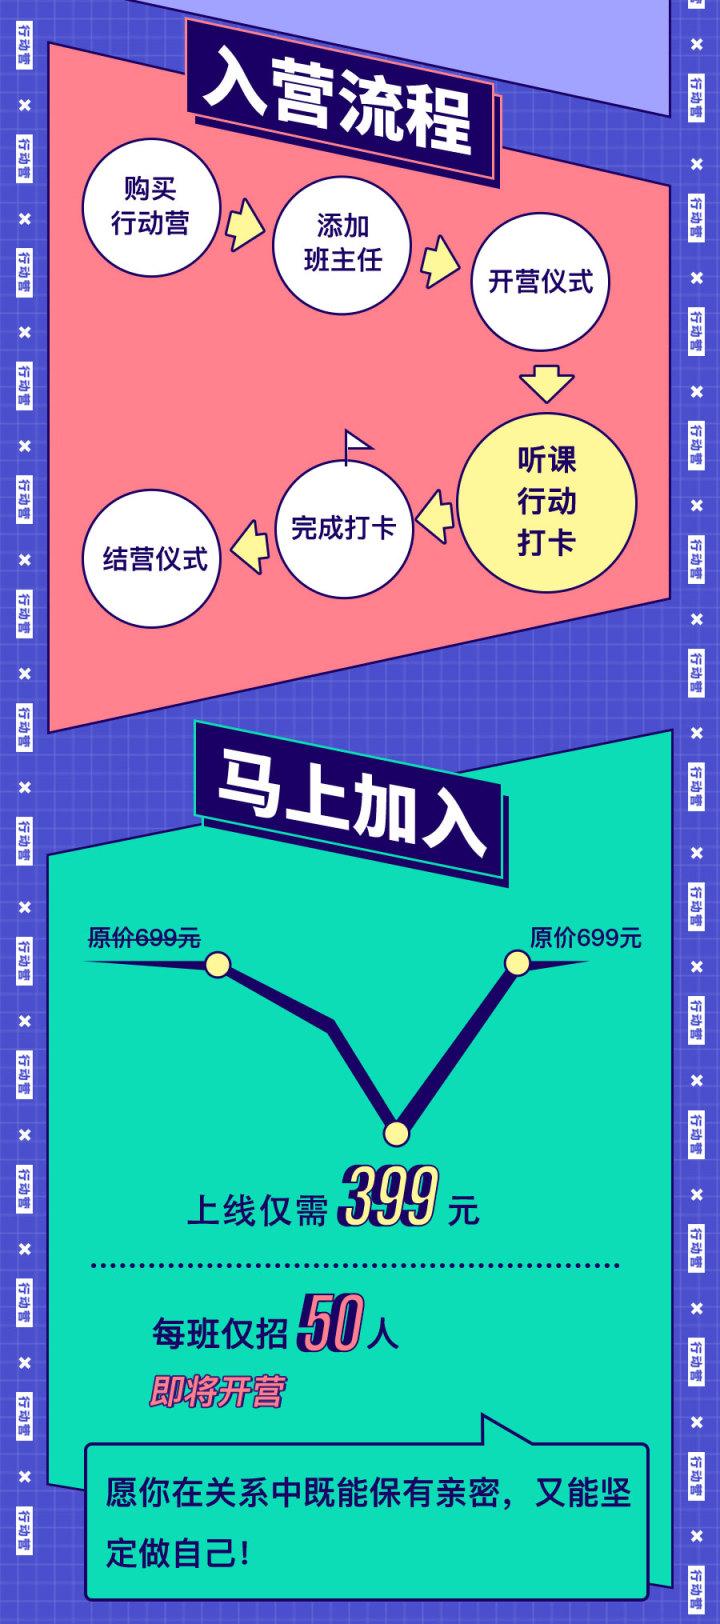 行动营-详情页【已改】_15.jpg